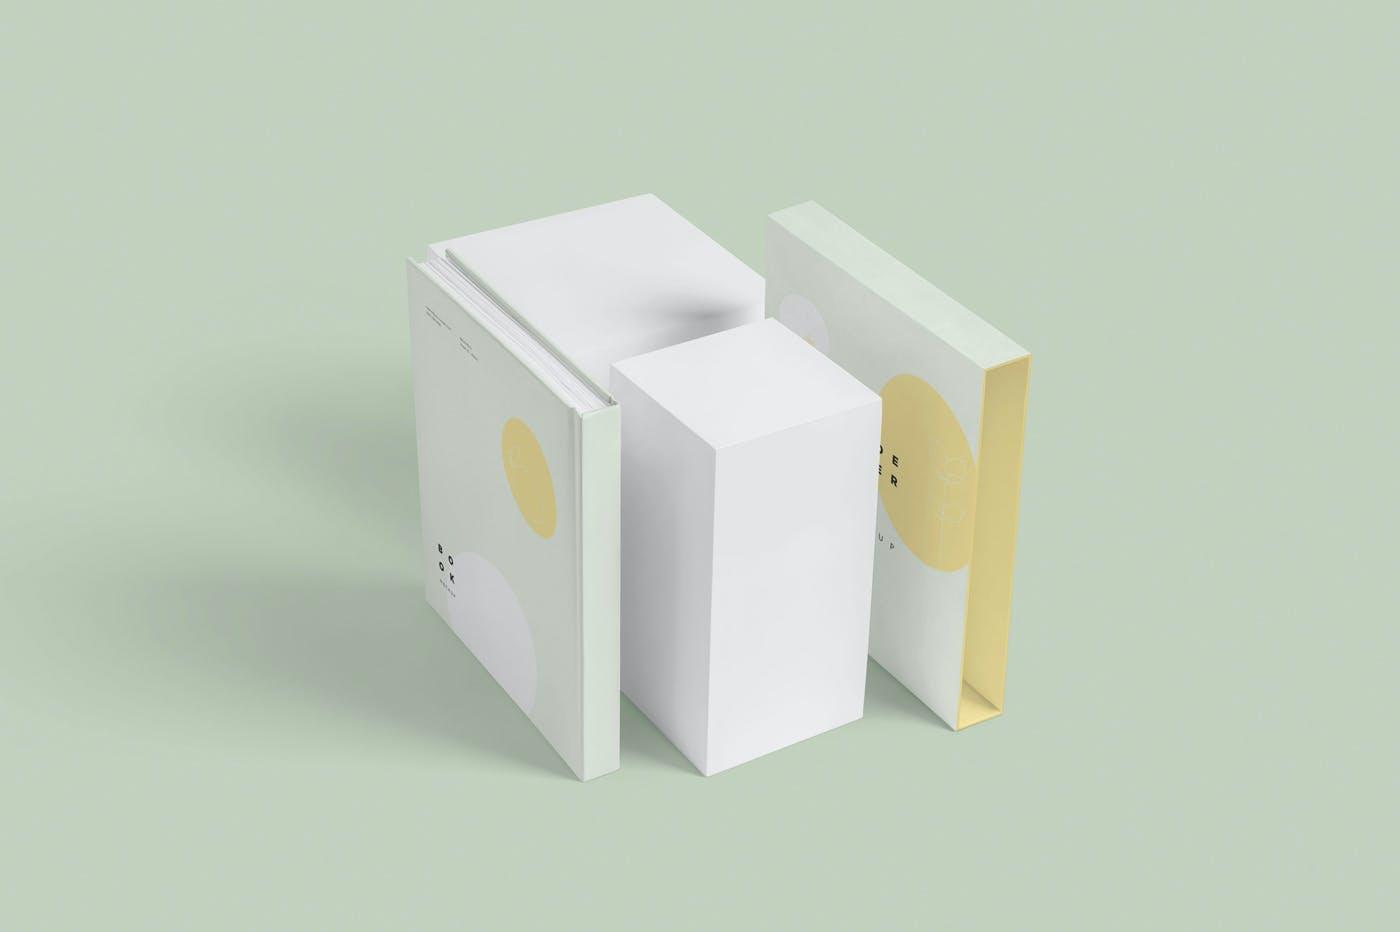 精装书幻灯片封面样机模型素材3G85WMM插图(7)